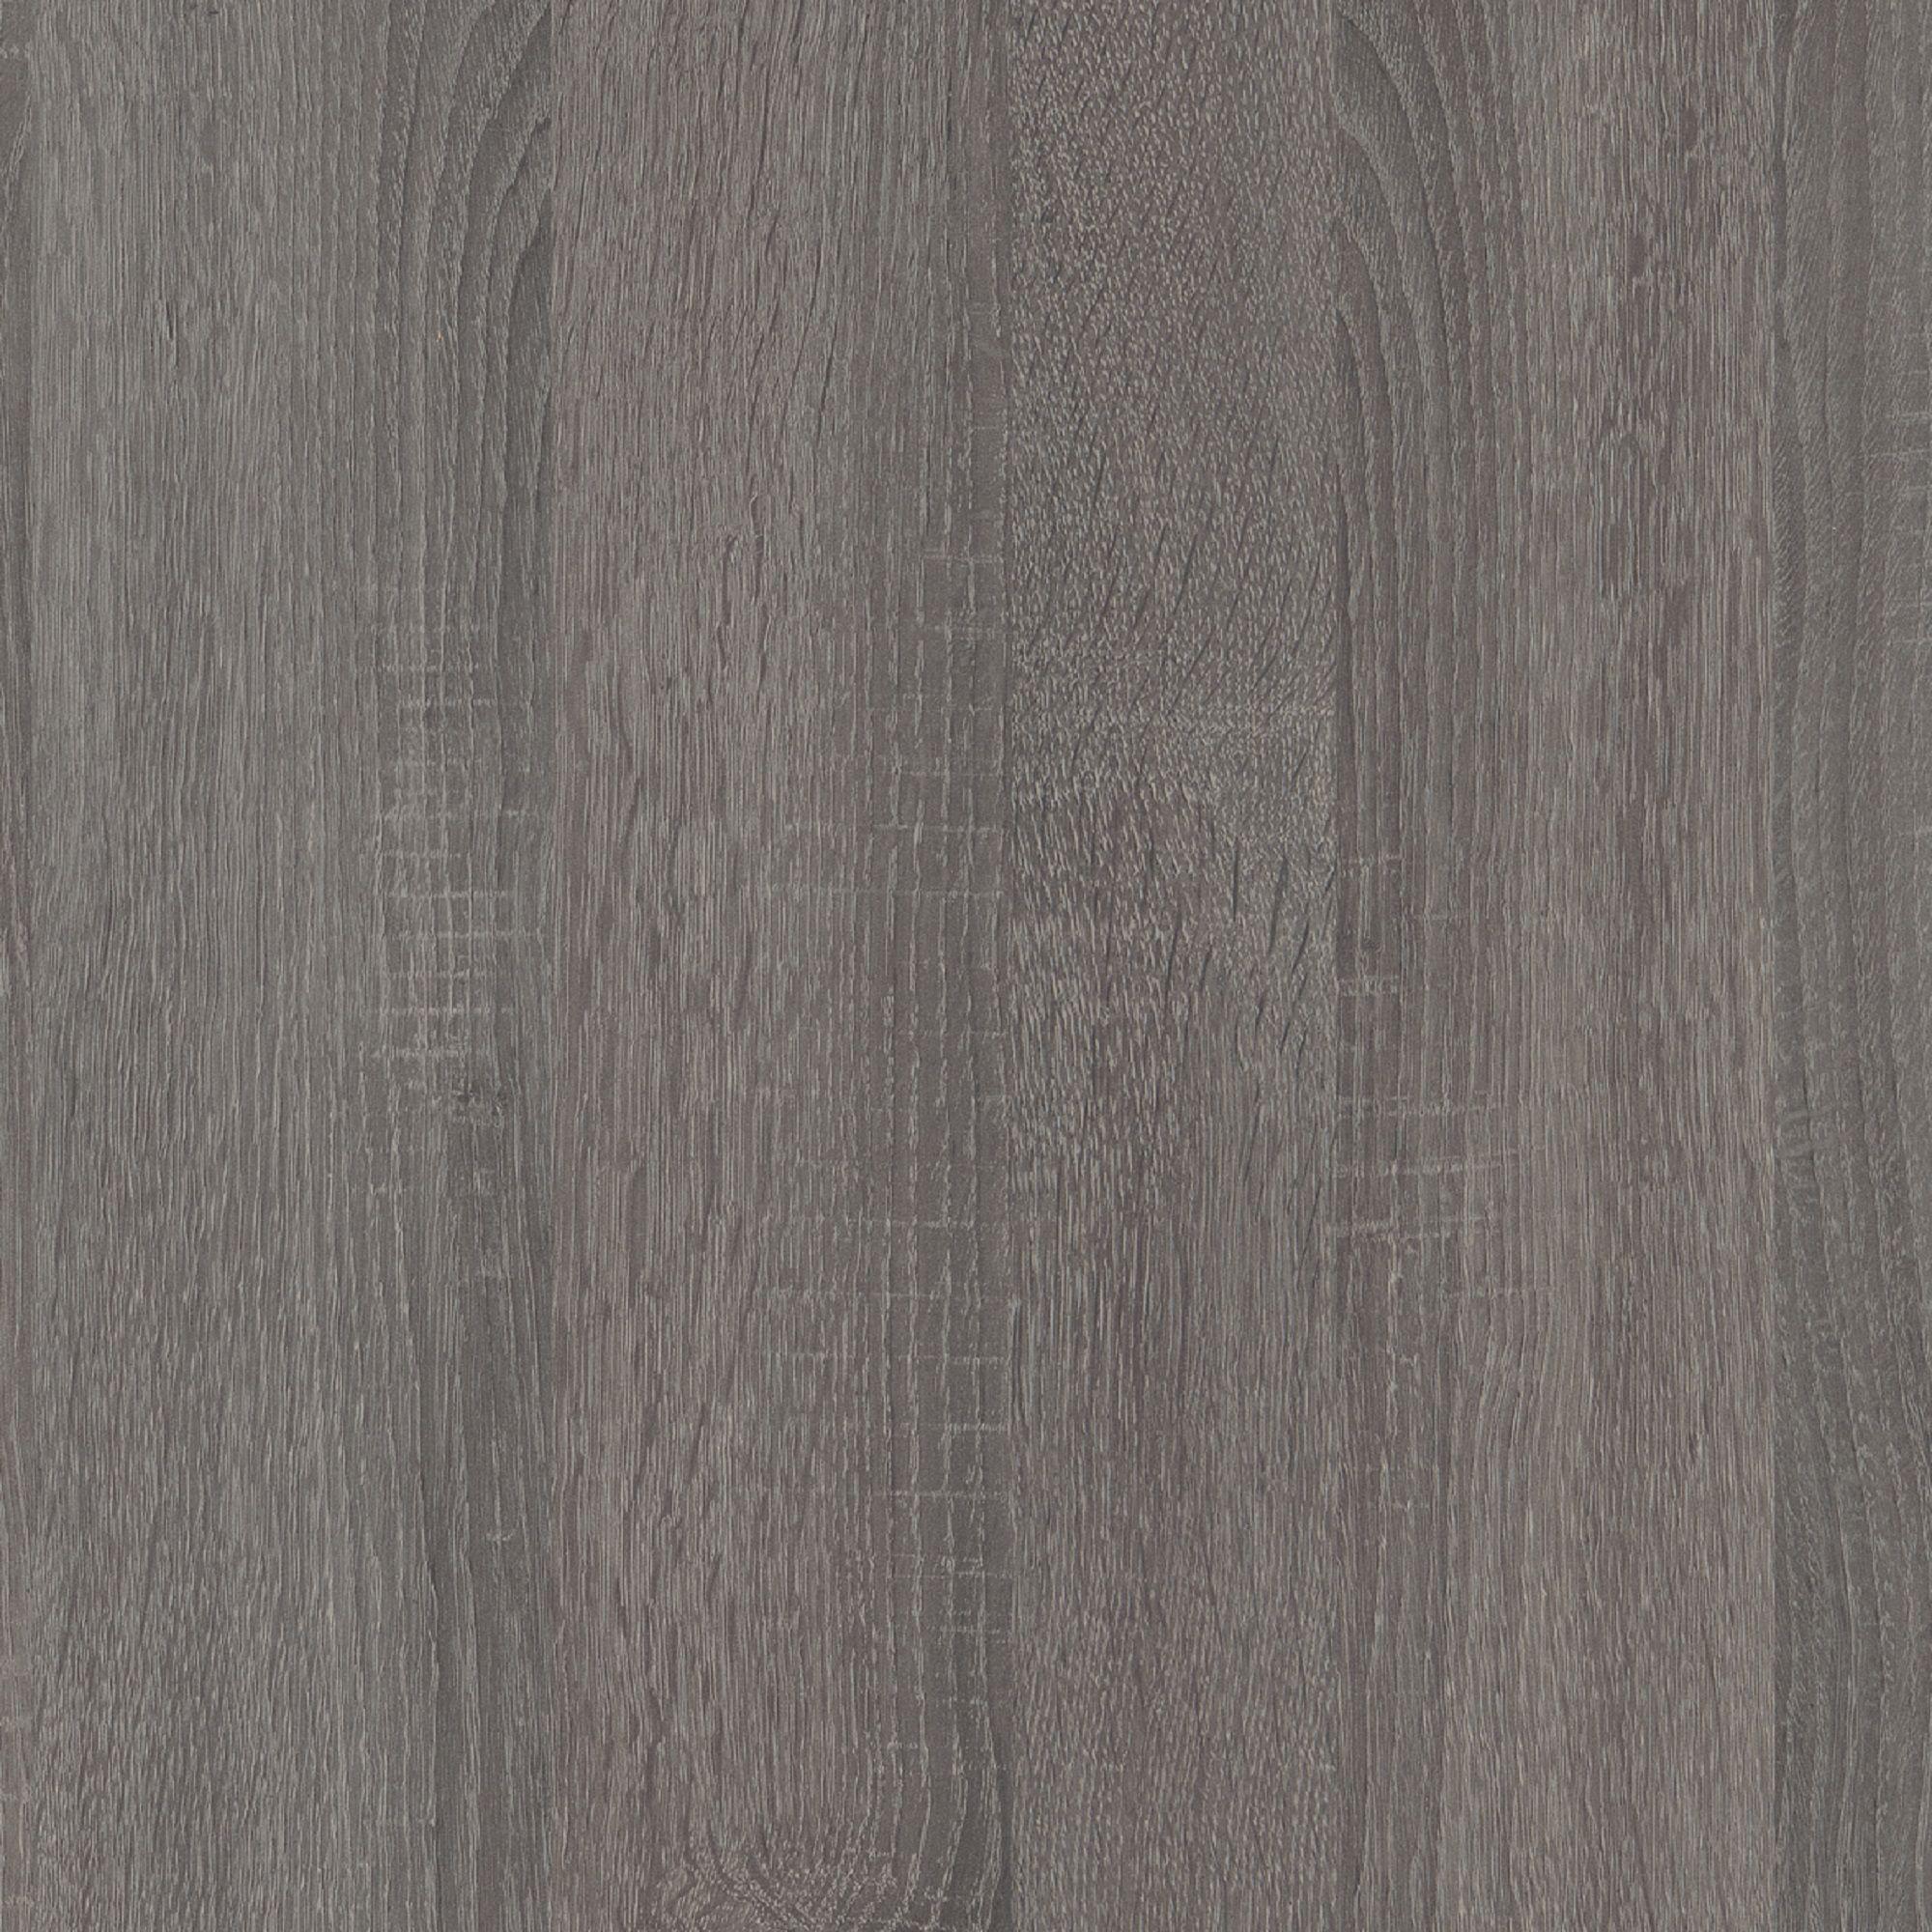 9mm Topia Dark Wood Effect Dark Wood Effect Kitchen